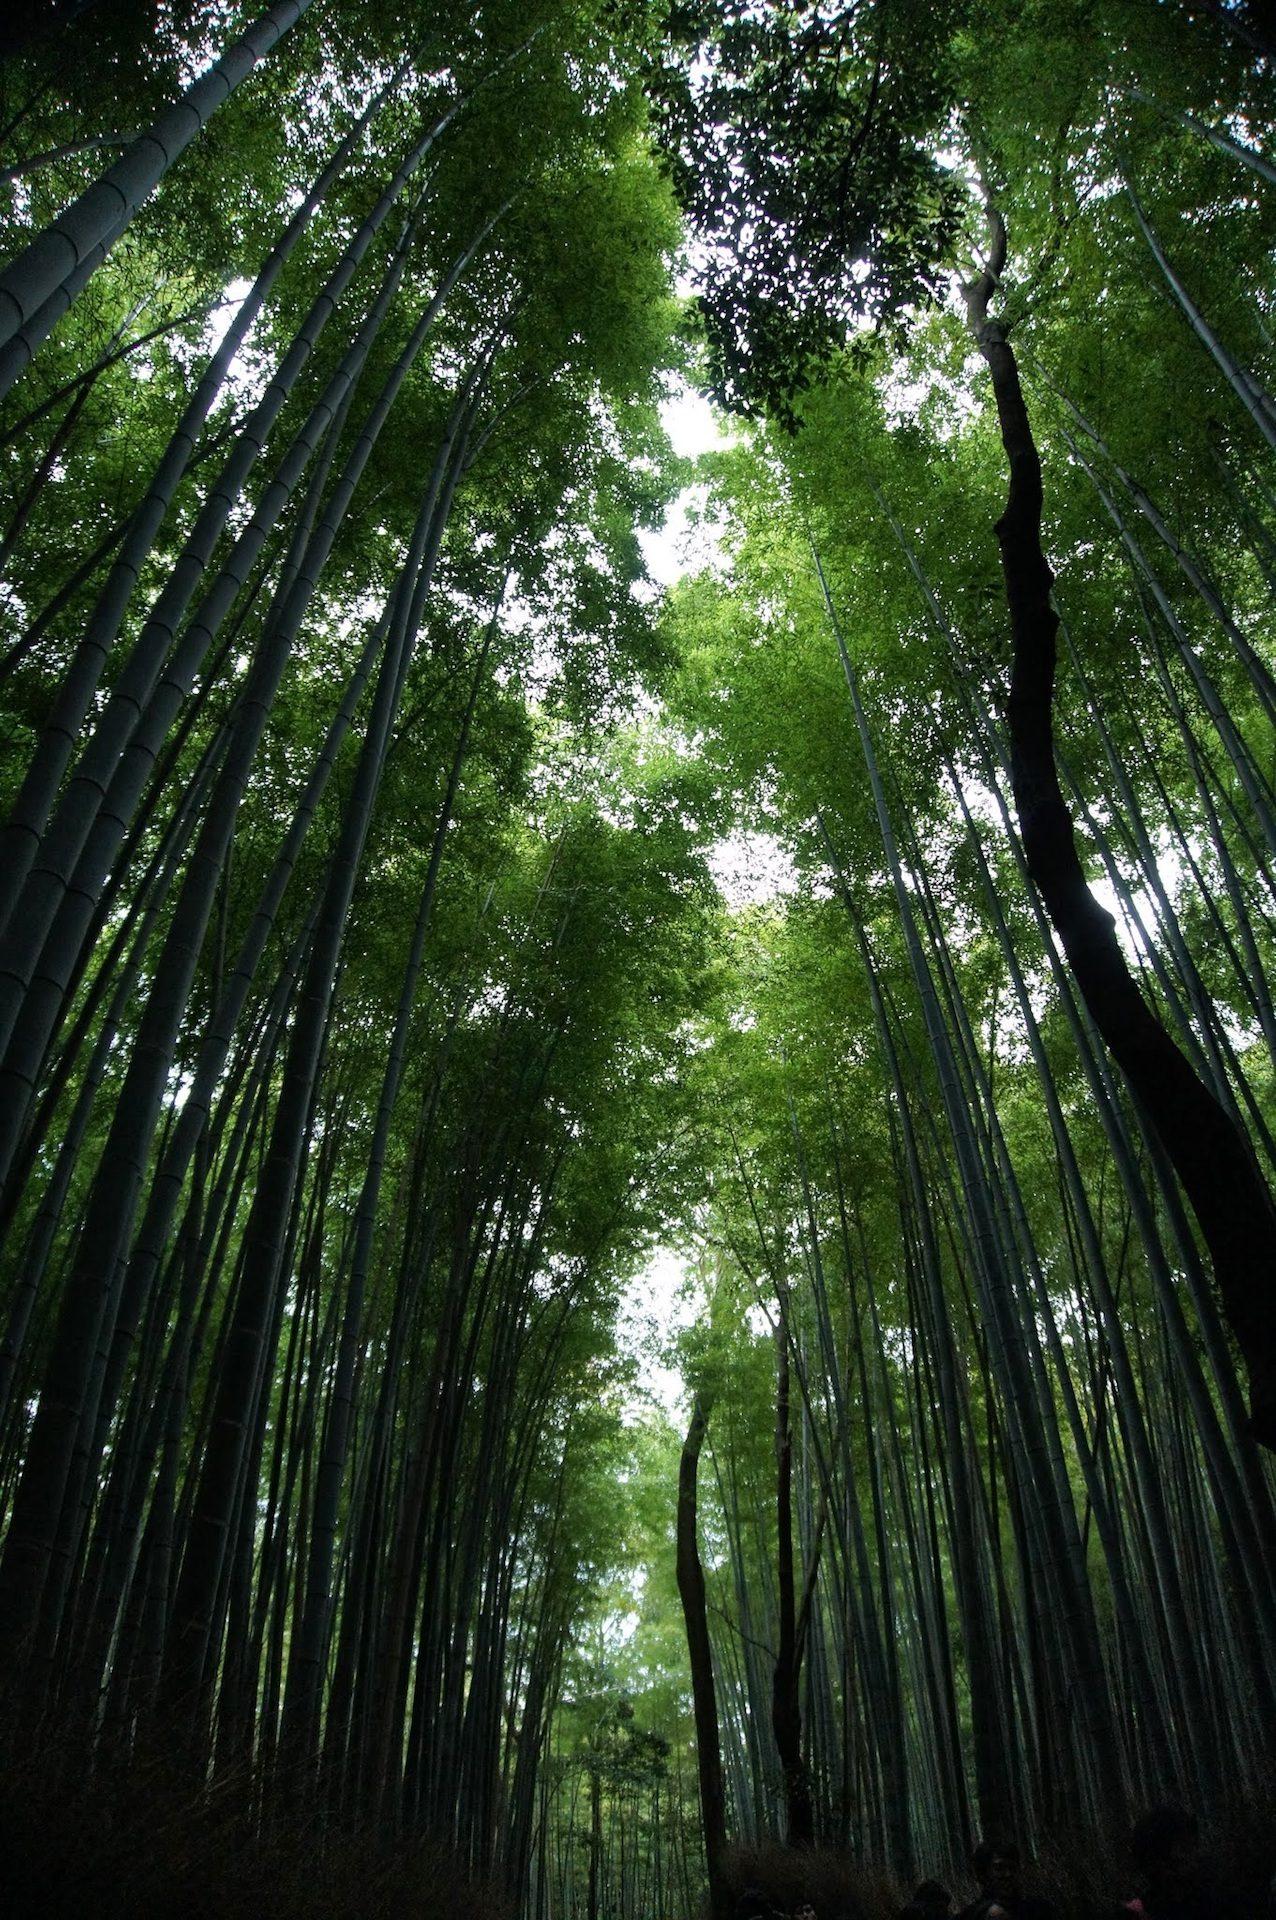 лес, Плантейшен, Bambú, деревья, пышные, Листва - Обои HD - Профессор falken.com